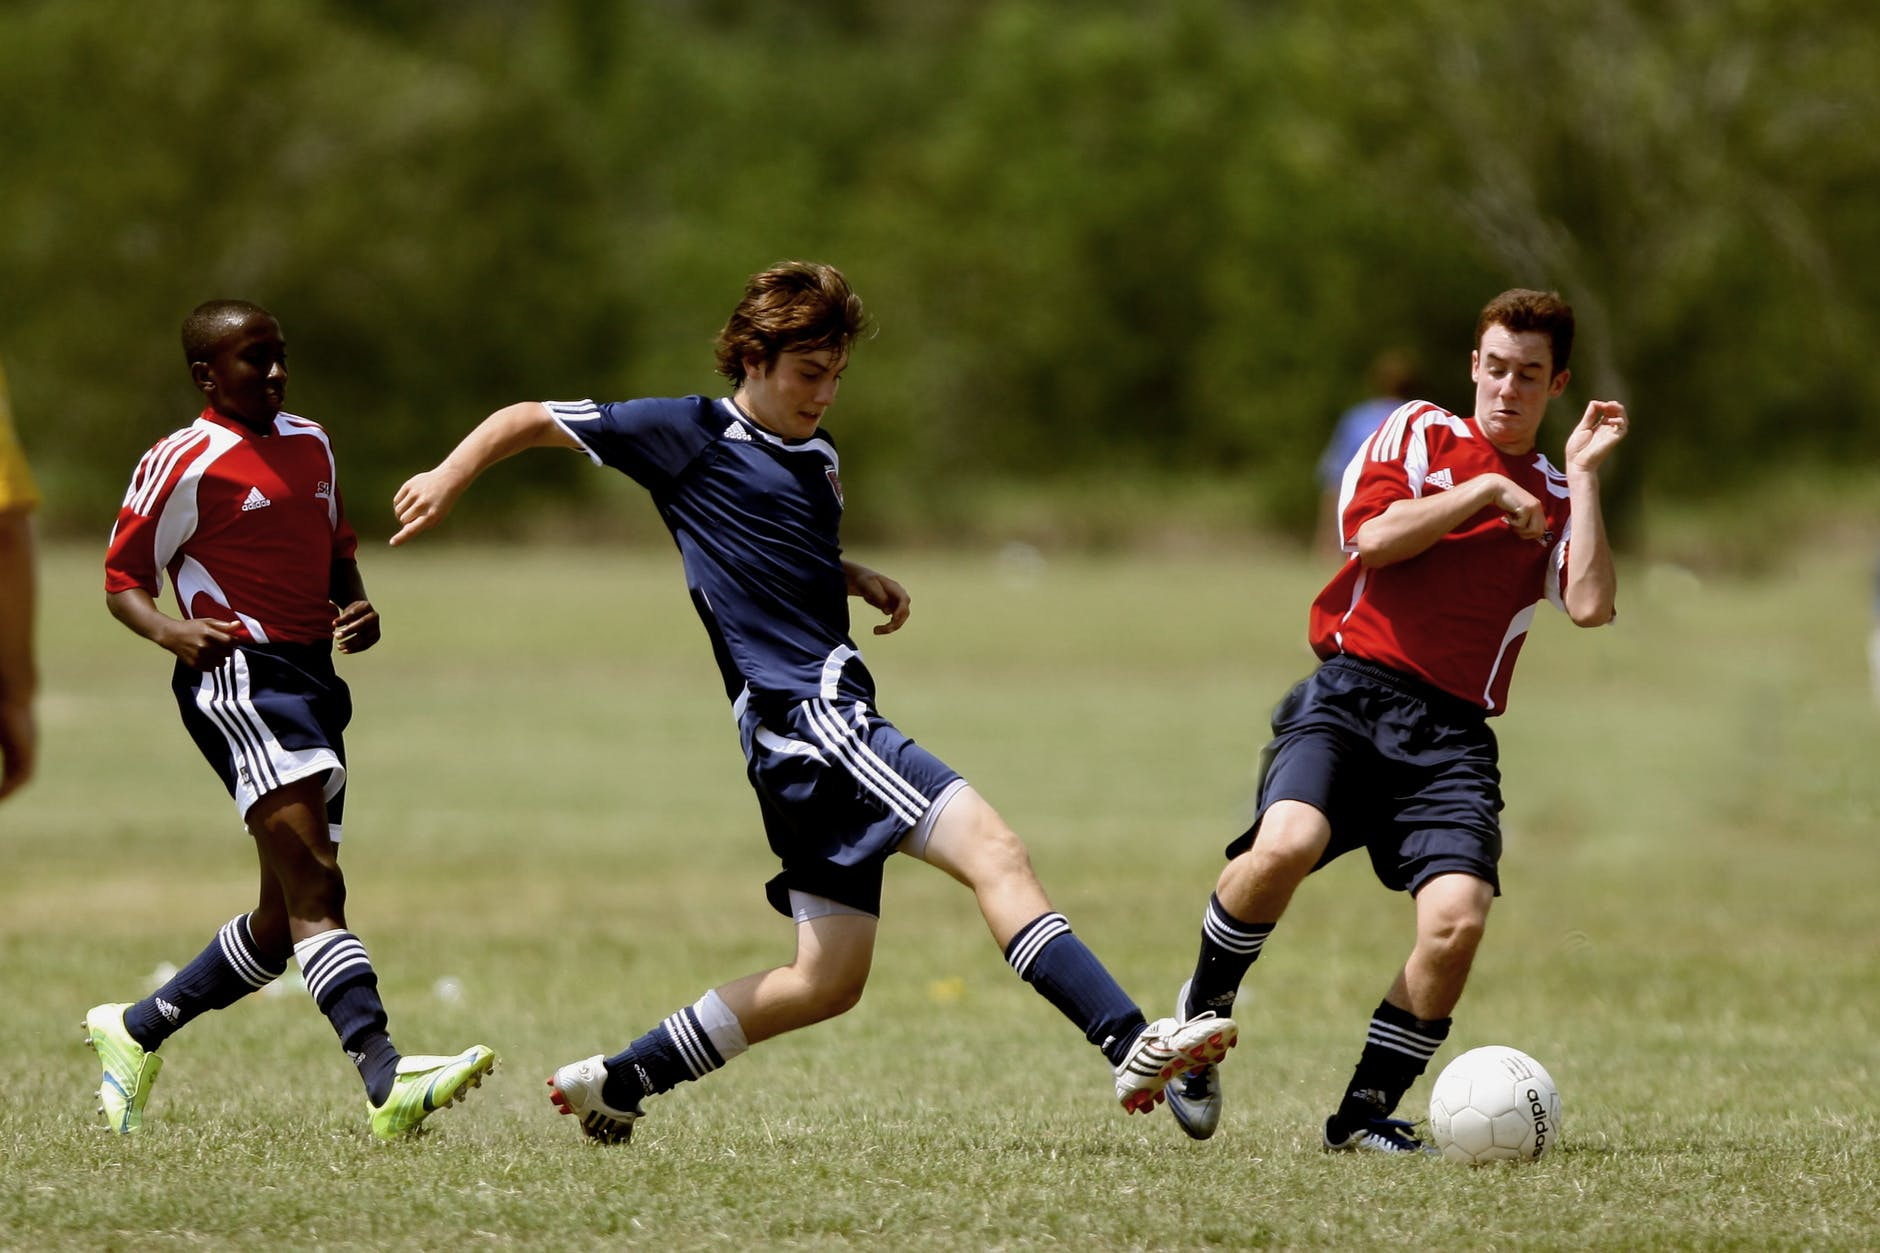 fodboldspillere i aktion